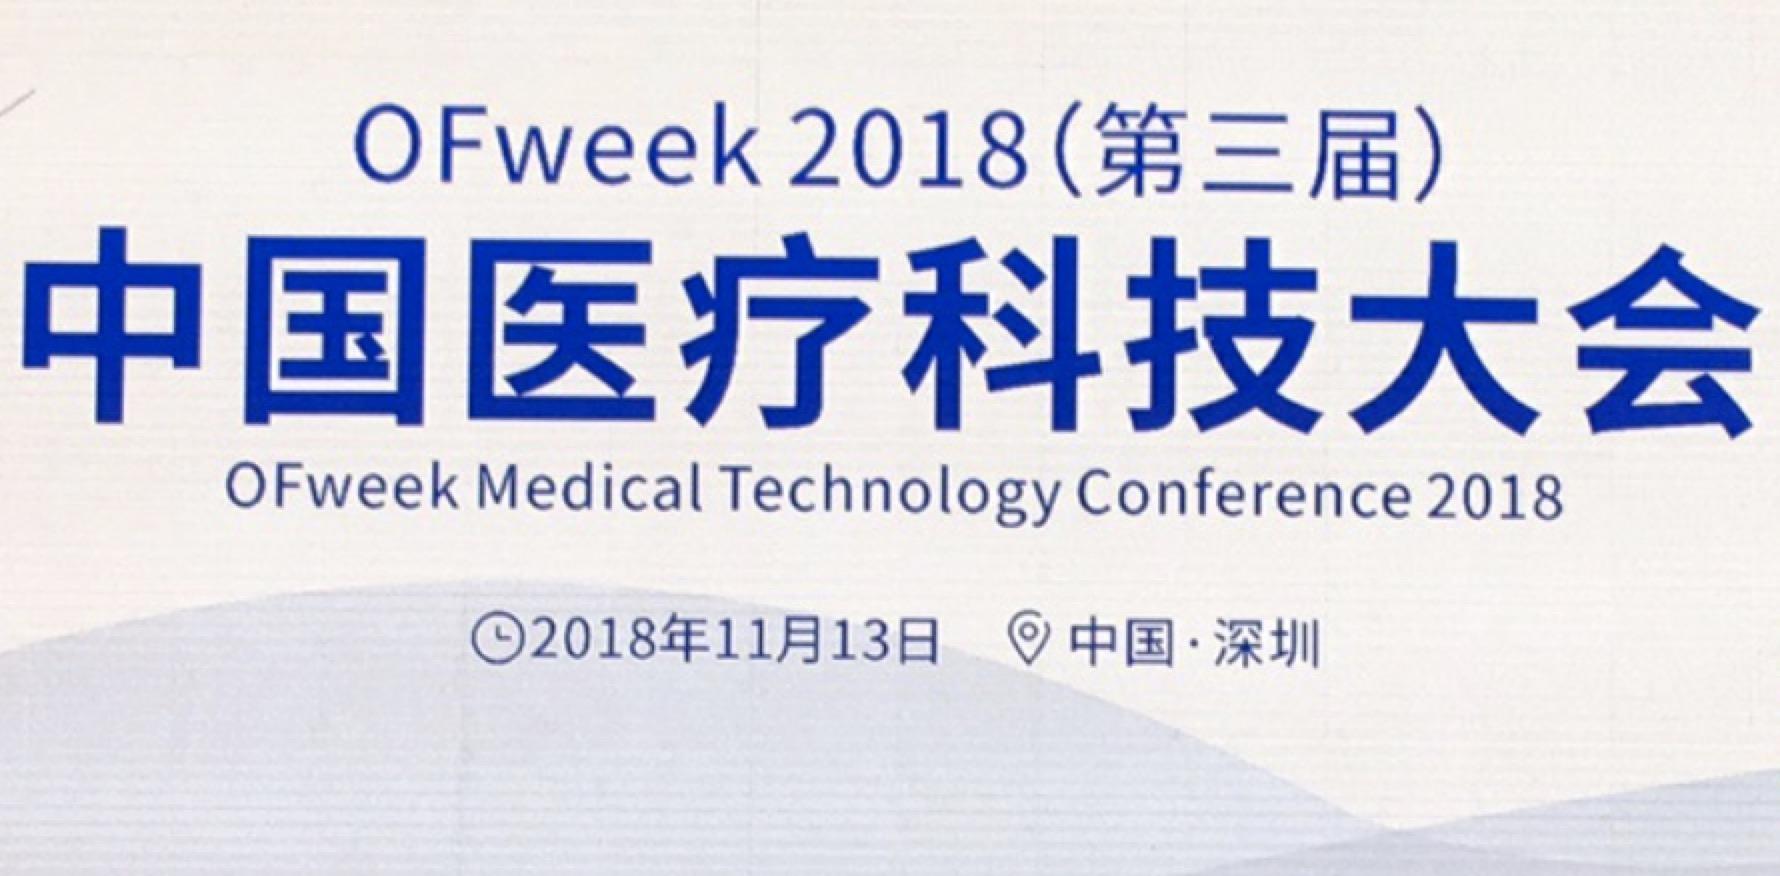 OFweek 2018(第三屆)中國醫療科技大會于深圳隆重開幕!